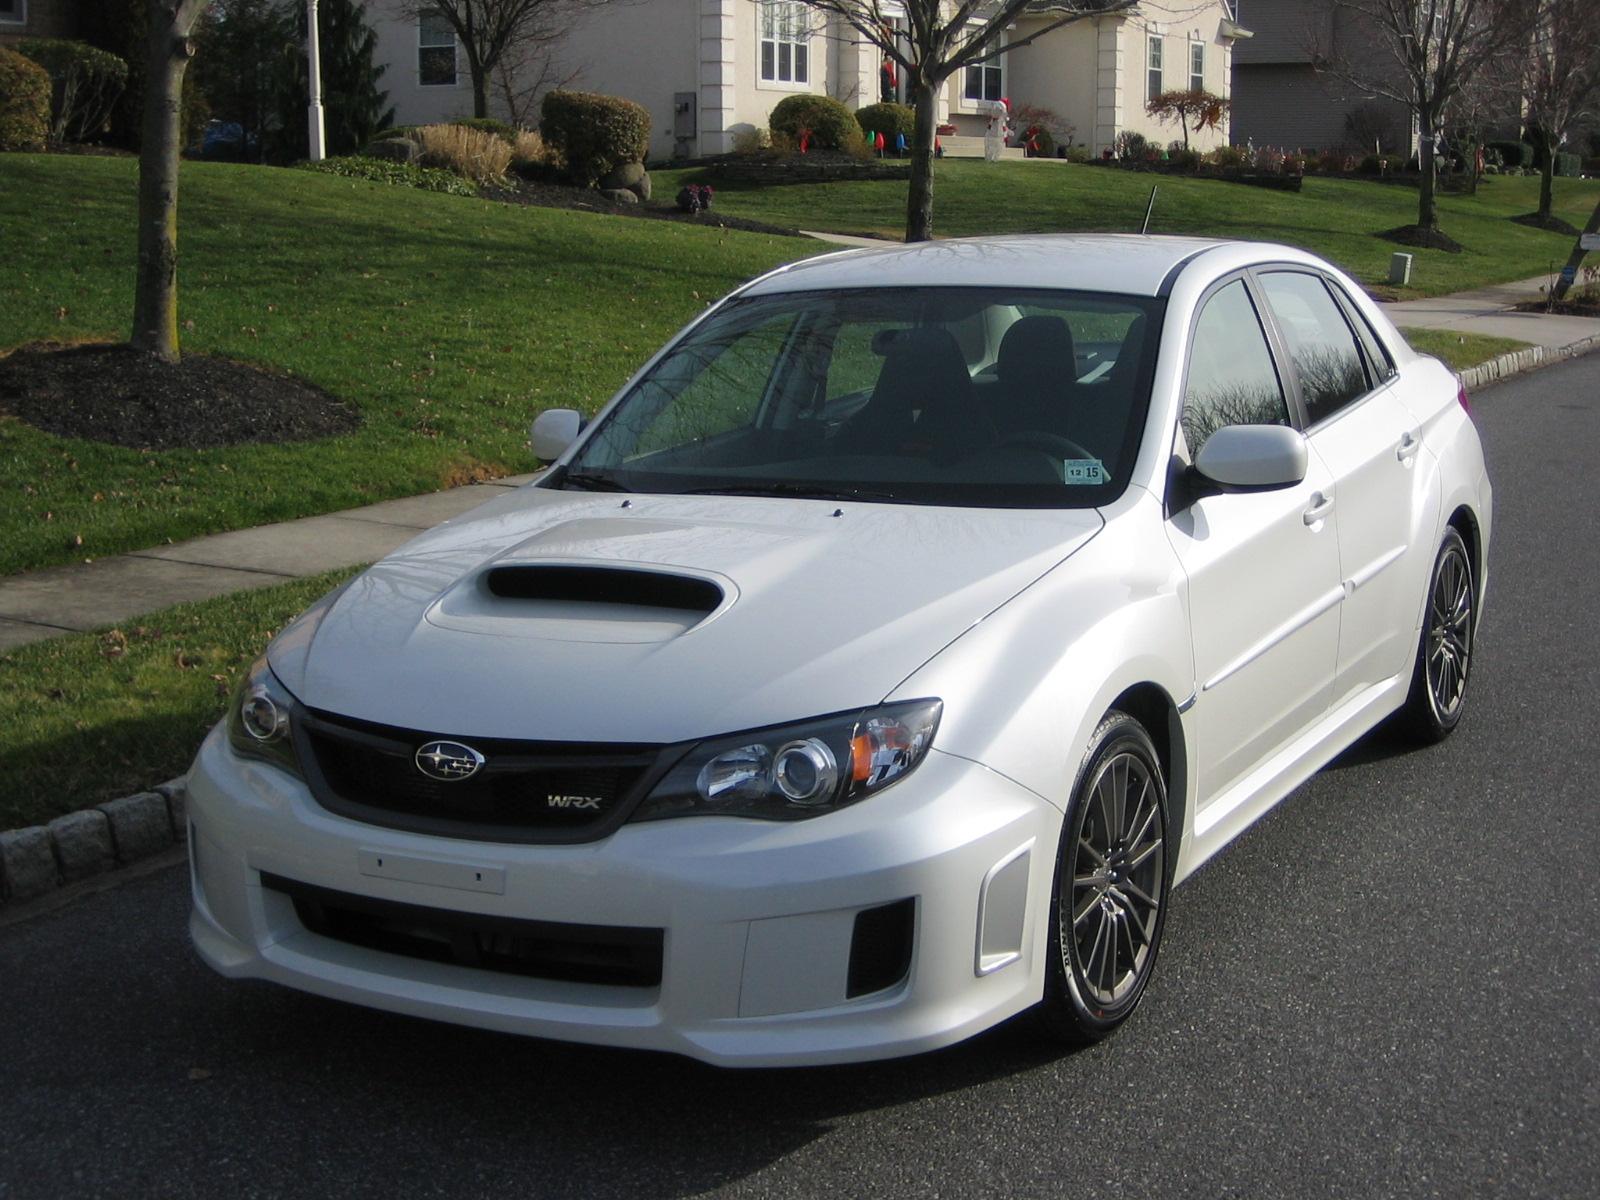 Review: 2011 Subaru WRX Sedan